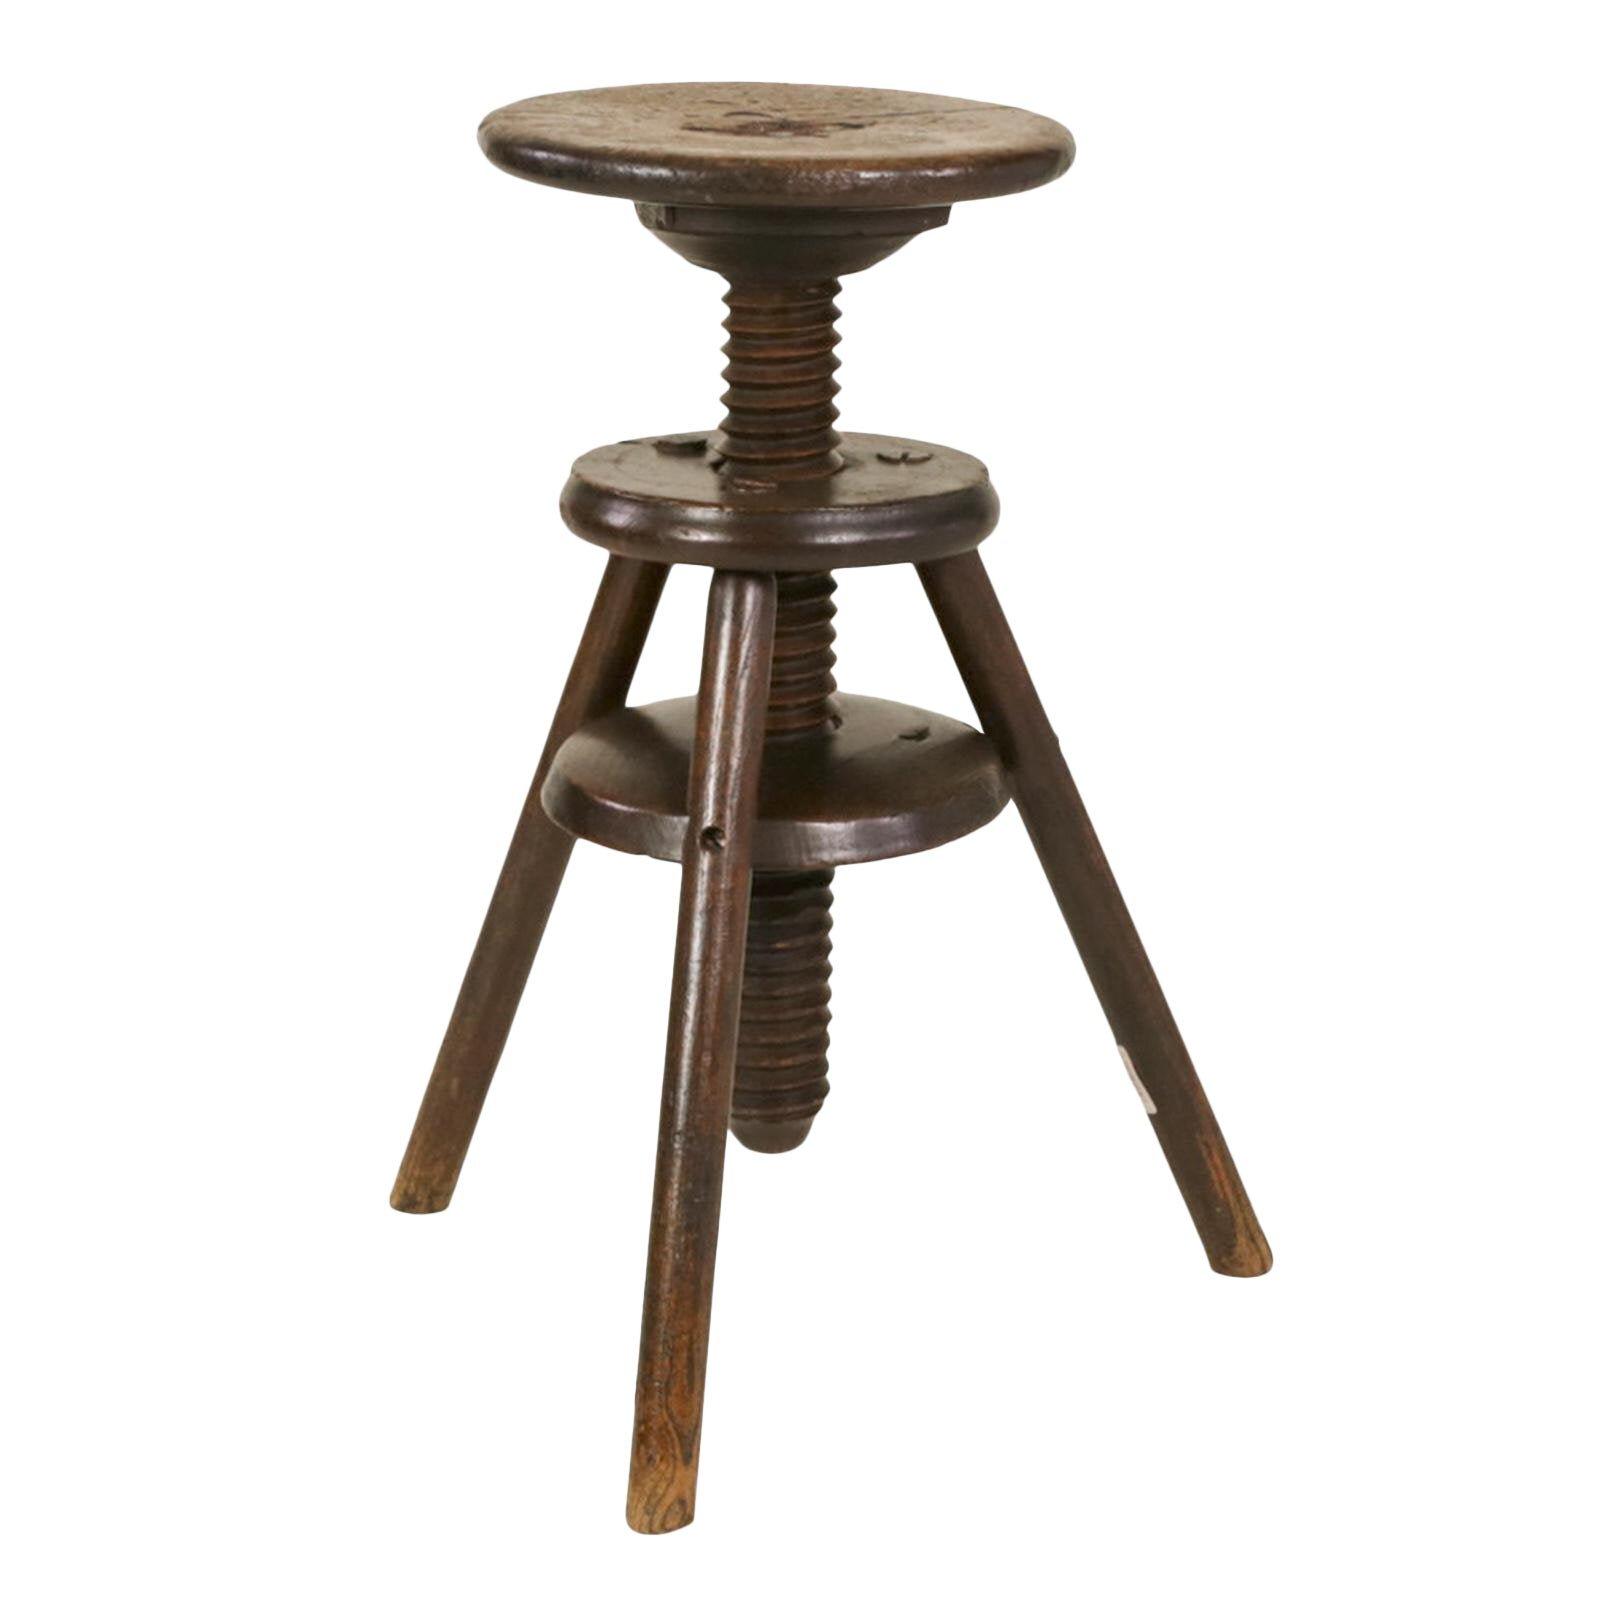 1870s-english-oak-three-legged-adjustable-artist-stool-5407.jpeg